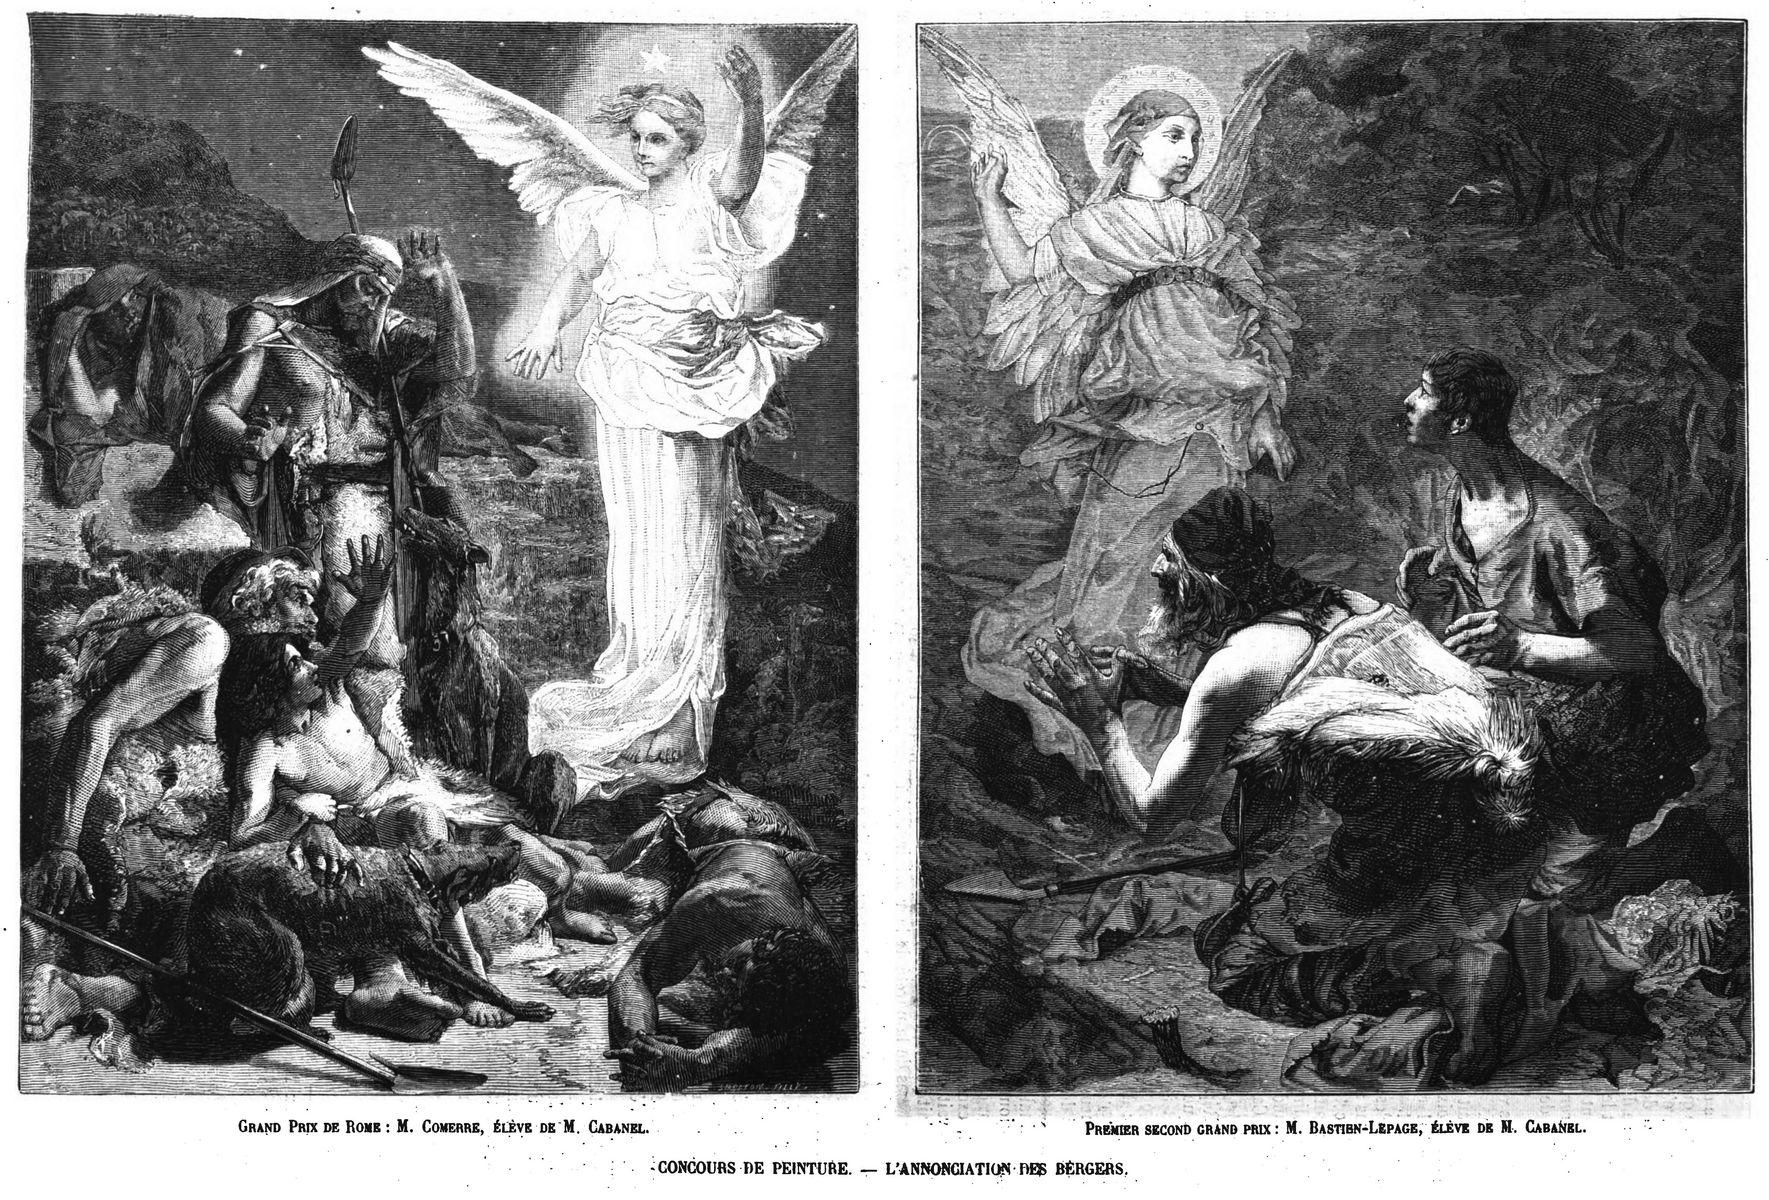 Le concours des grands Prix de Rome à l'Ecole des Beaux-Arts; concours de peinture: Annonciation des bergers (2 gravures). 1875